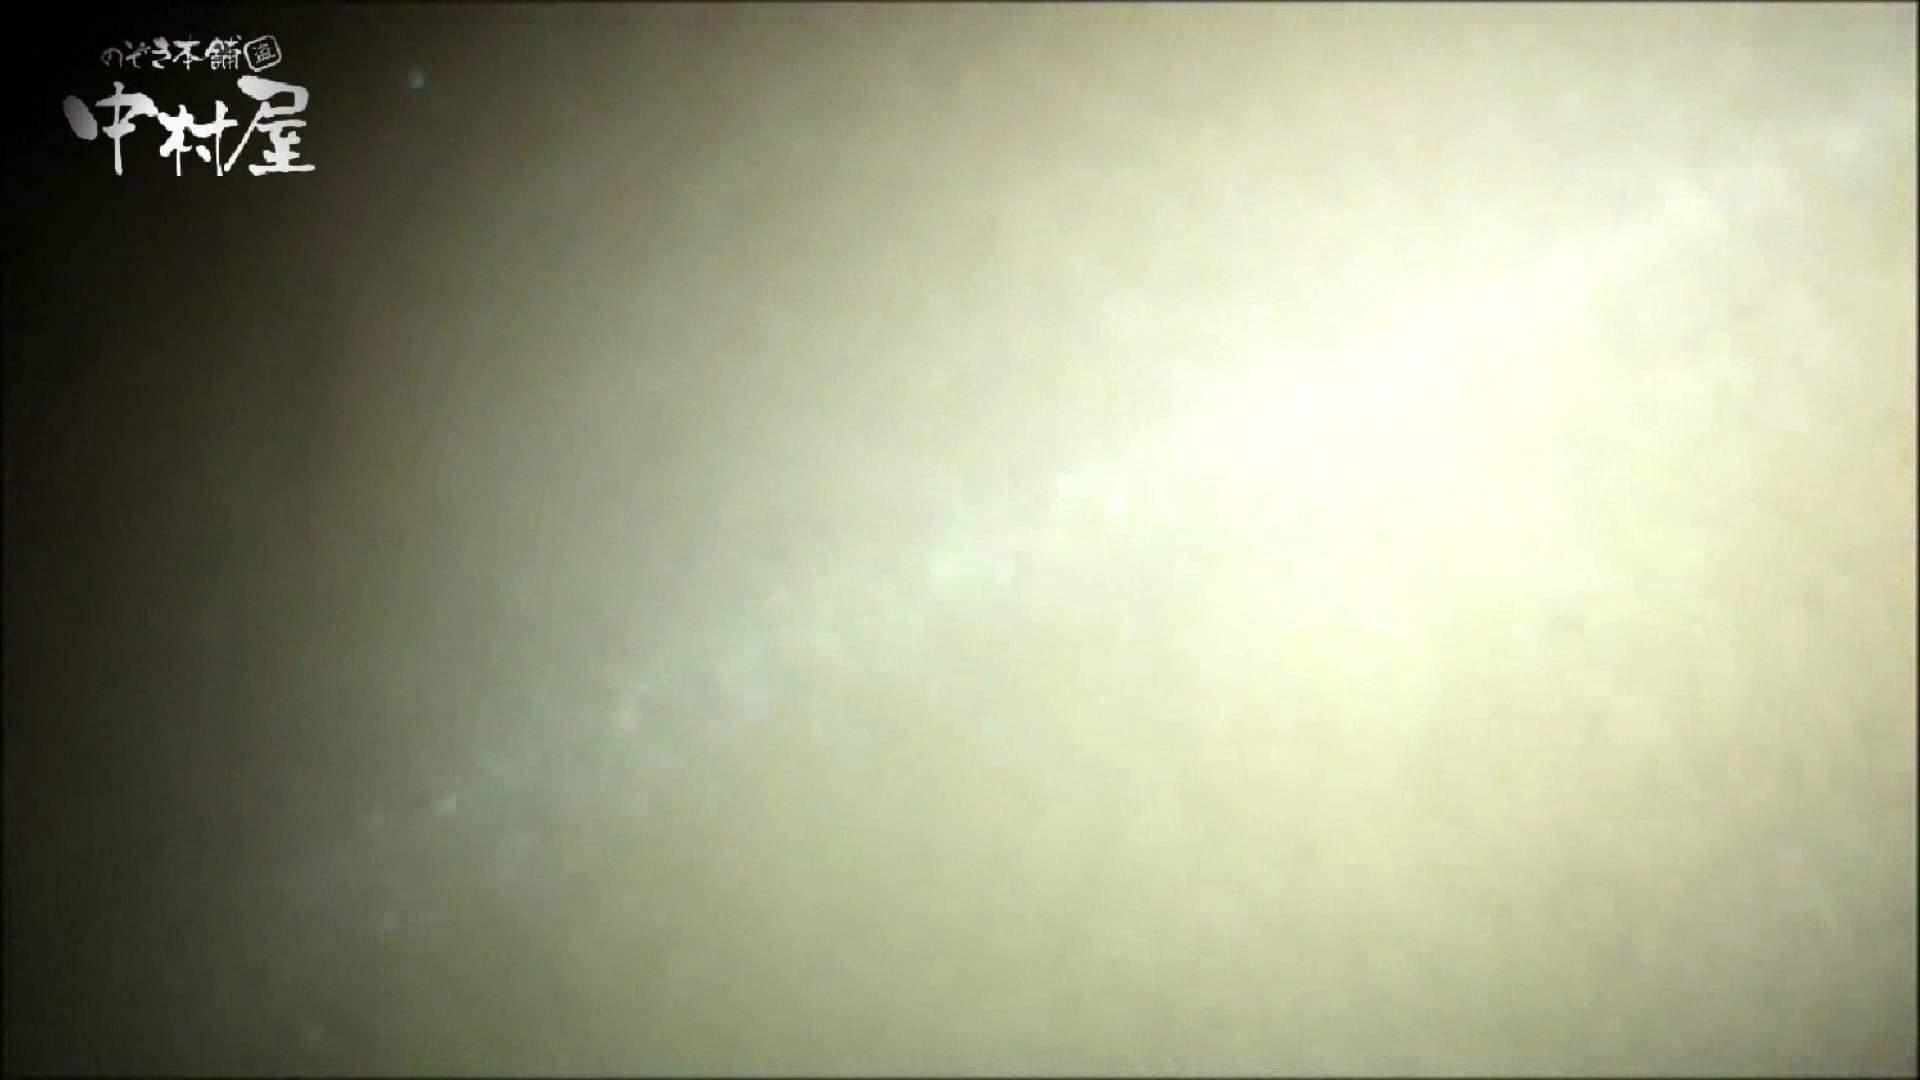 欲望 リアルドール Vol.01 Kちゃんショップ店員店員20歳 OLのエロ生活 性交動画流出 73連発 34